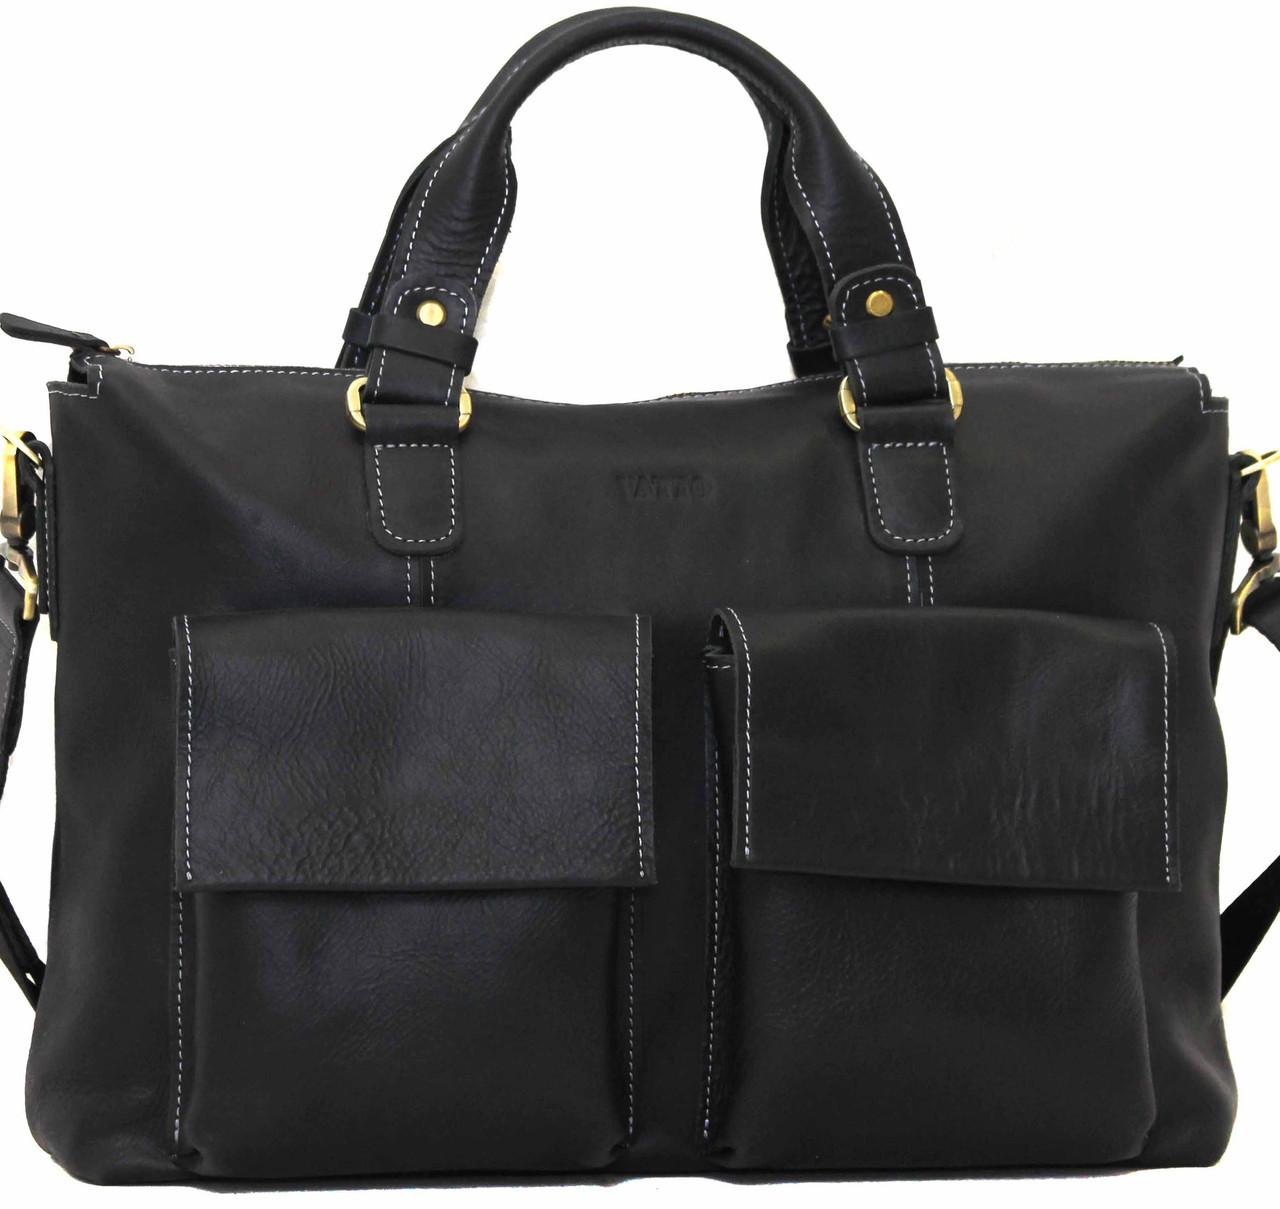 Шкіряний чоловічий портфель Mk25 чорний матовий